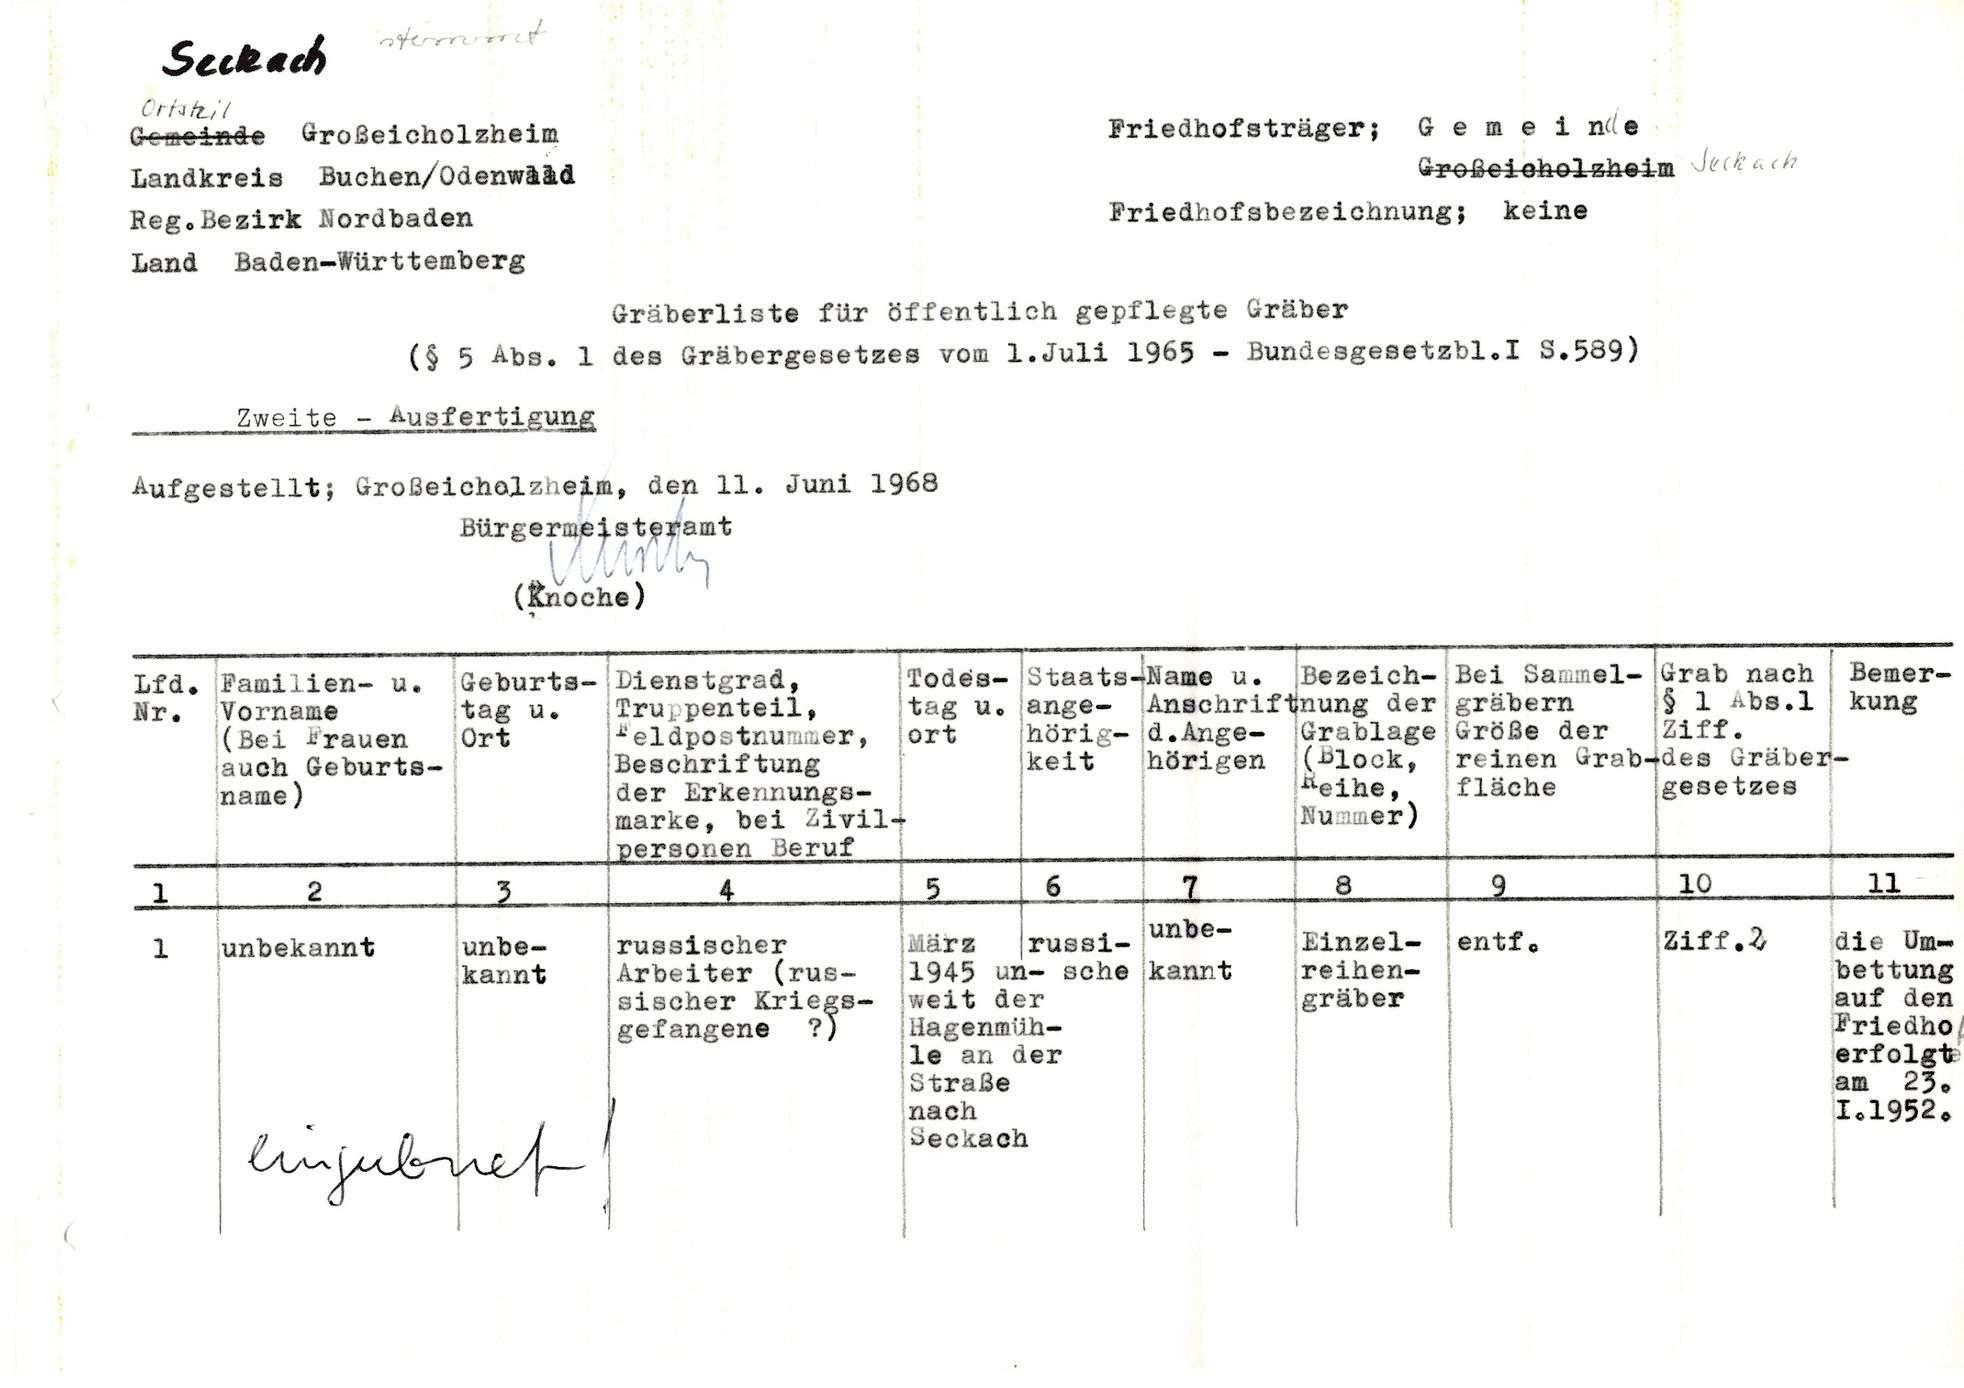 Seckach, Bild 2